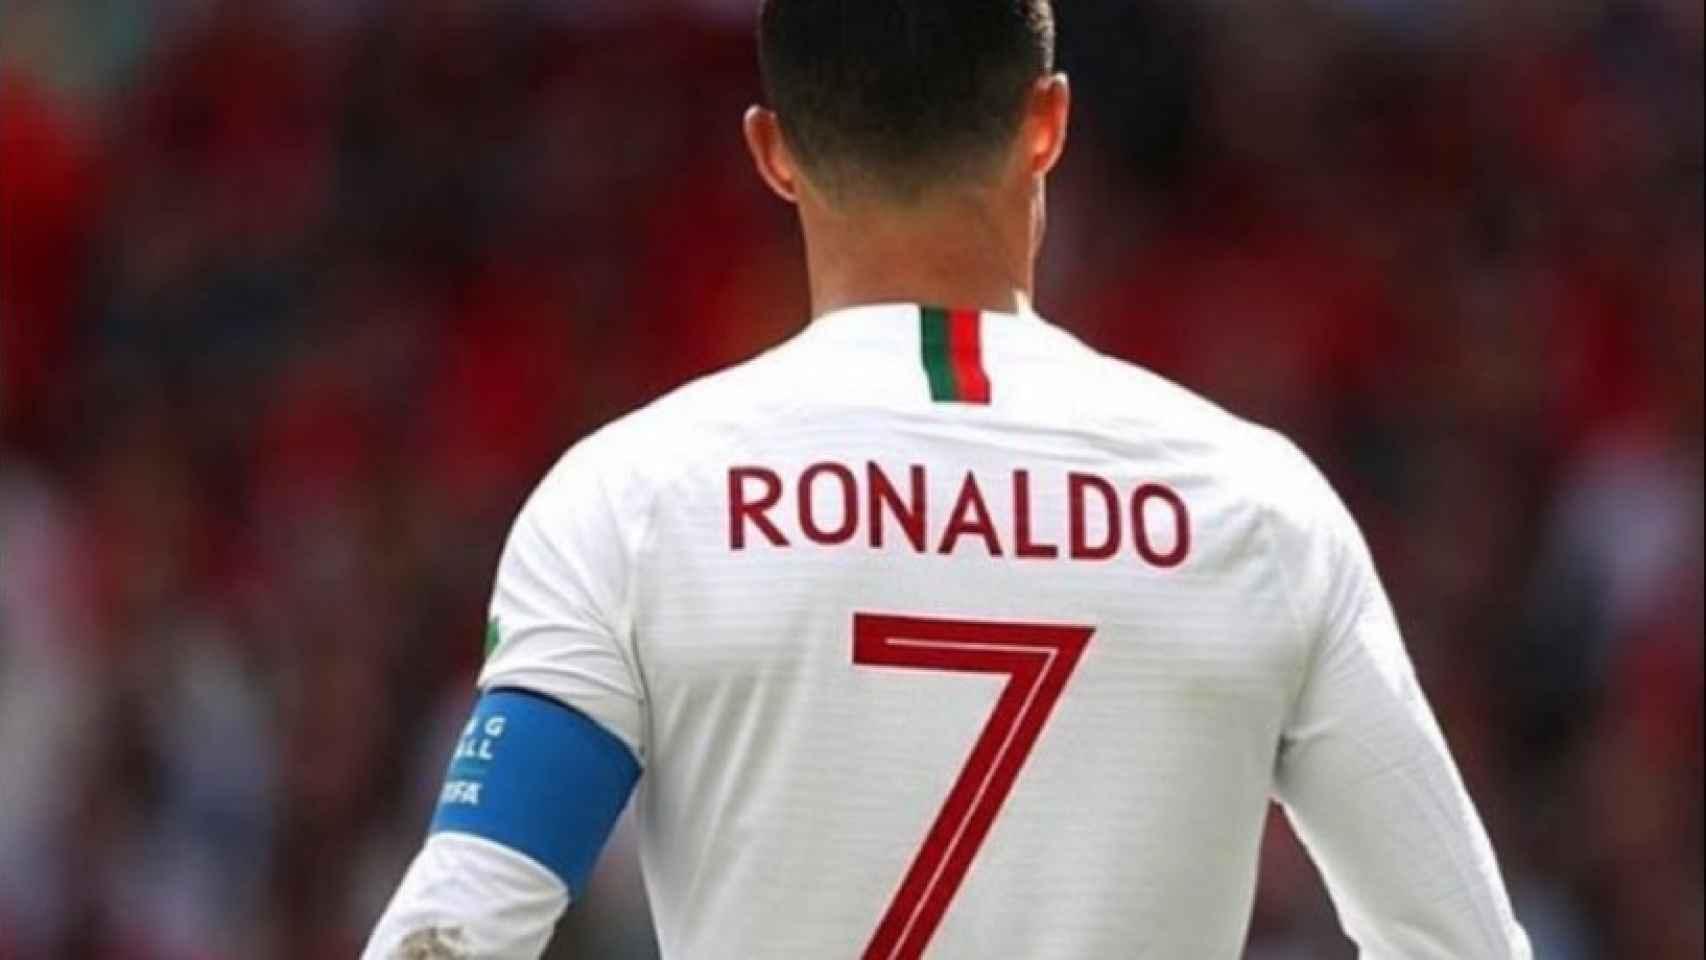 Cristiano Ronaldo en el partido contra Marruecos. Foto: Instagram (@katiaaveirooficial)